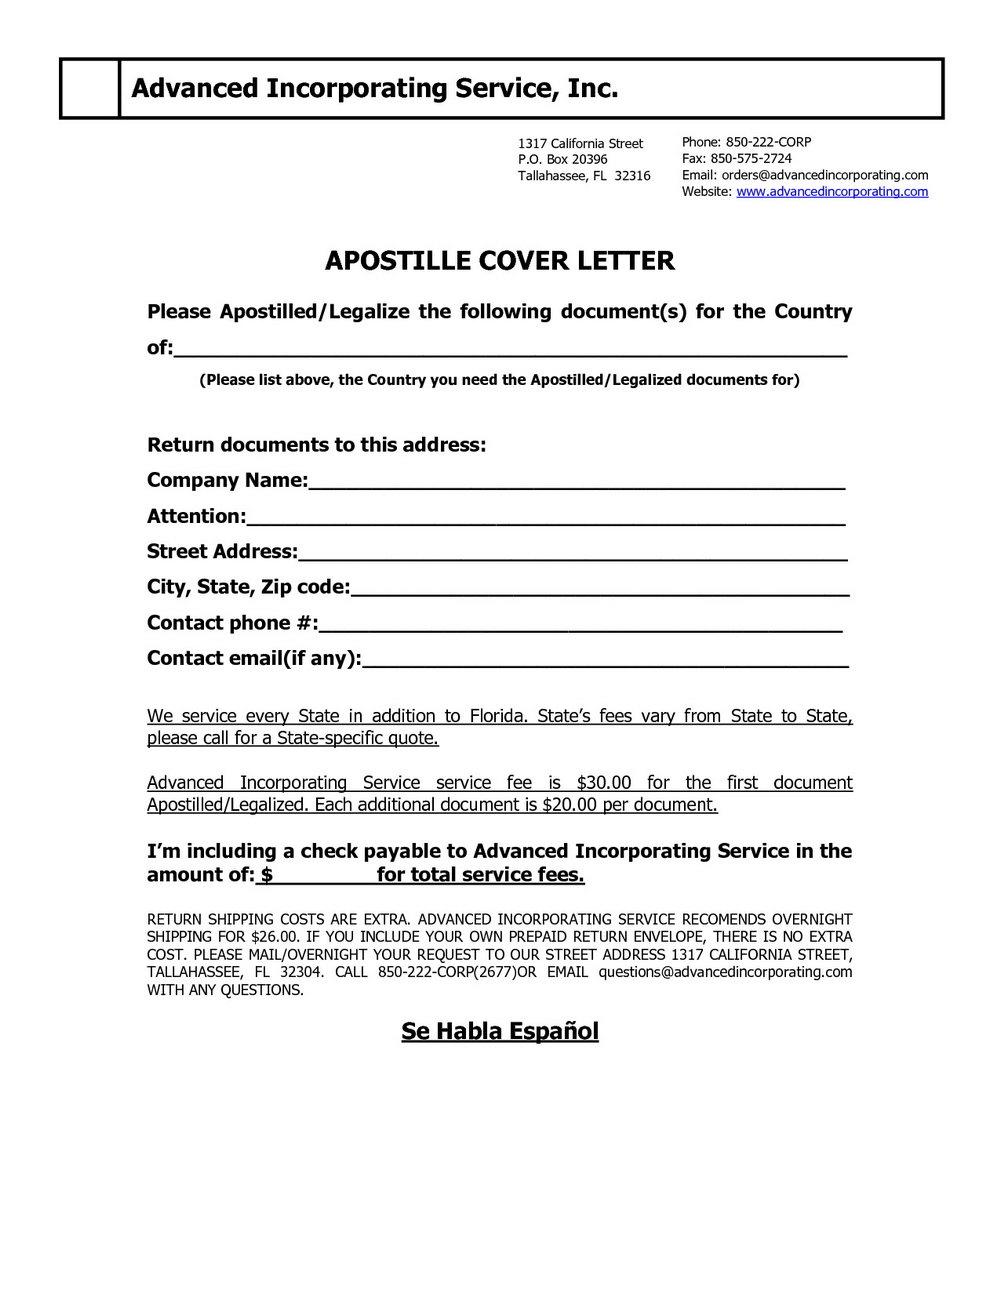 California Apostille Cover Letter